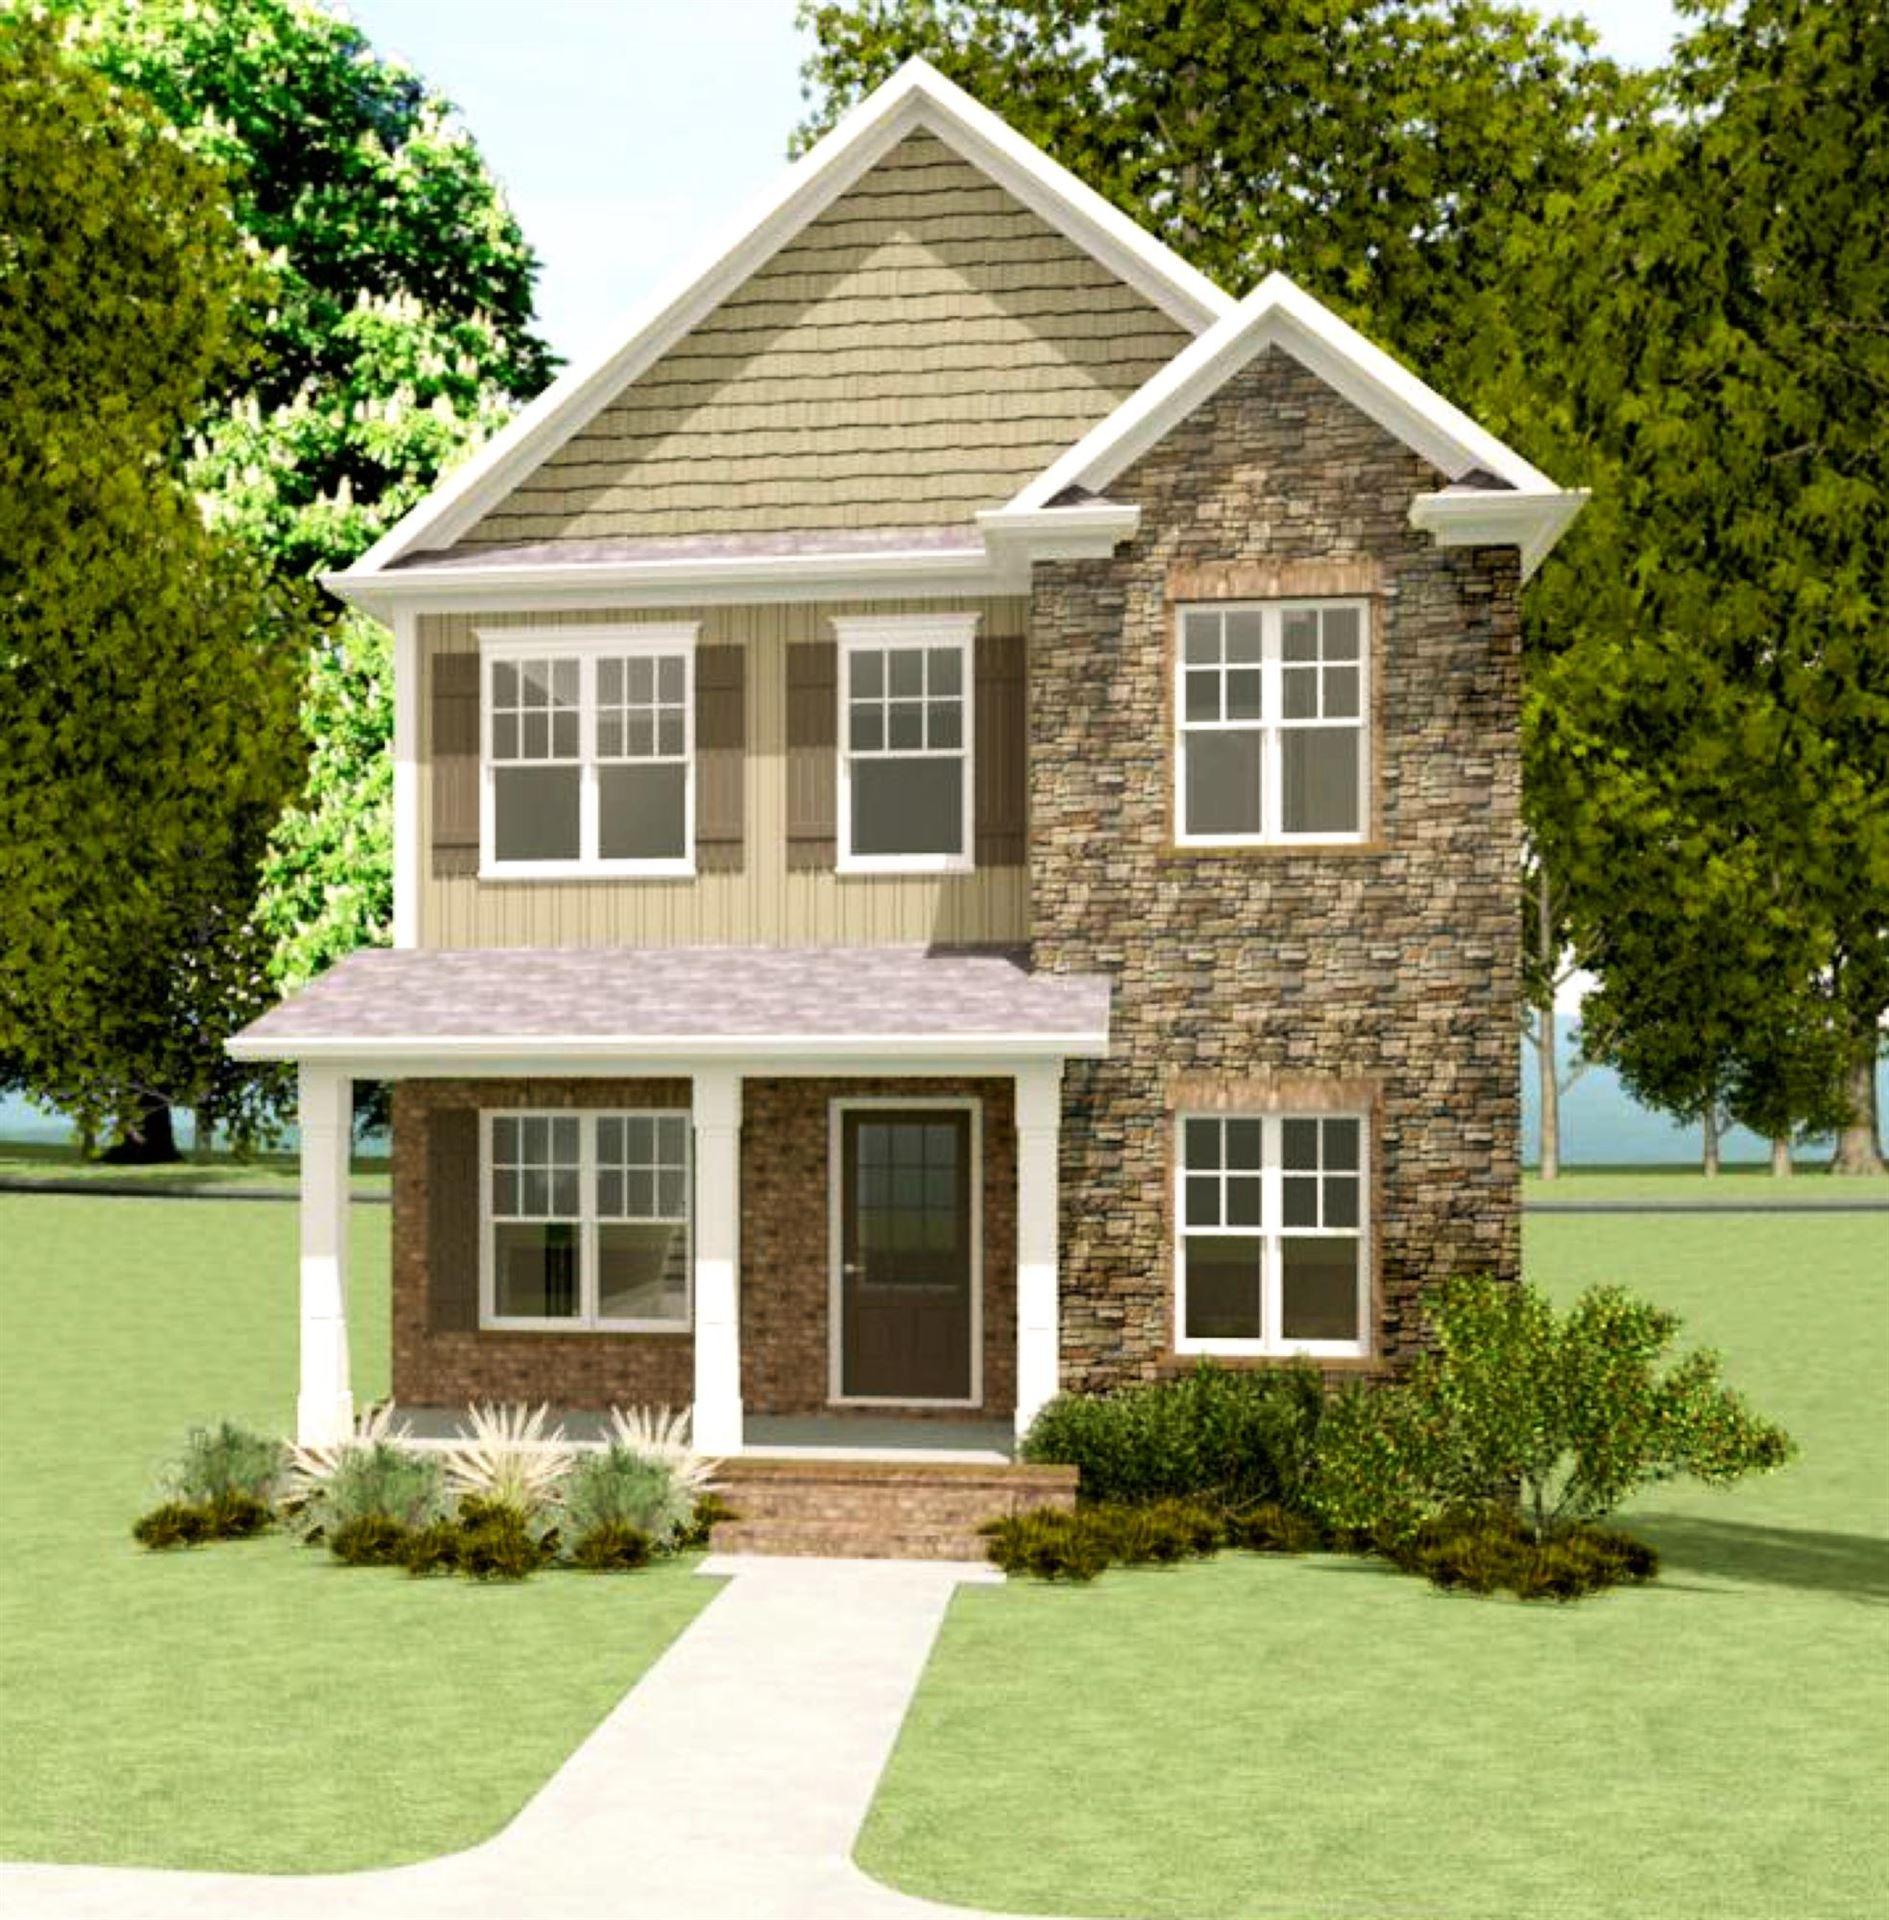 Photo of 113 Boysenberry Drive #Lot 7L, Oak Ridge, TN 37830 (MLS # 1156888)